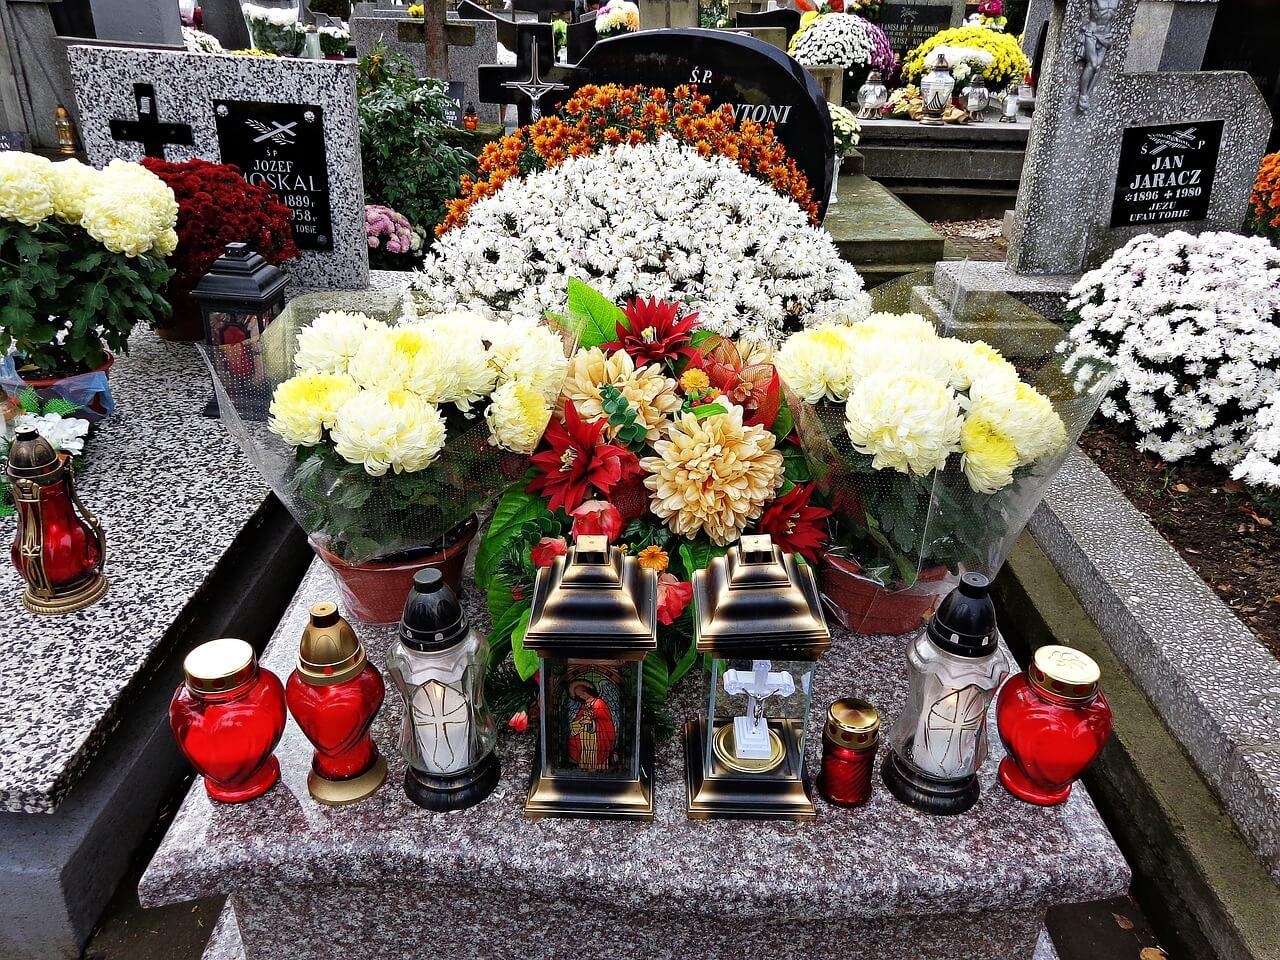 Gdzie znajdę dom pogrzebowy w okolicy?